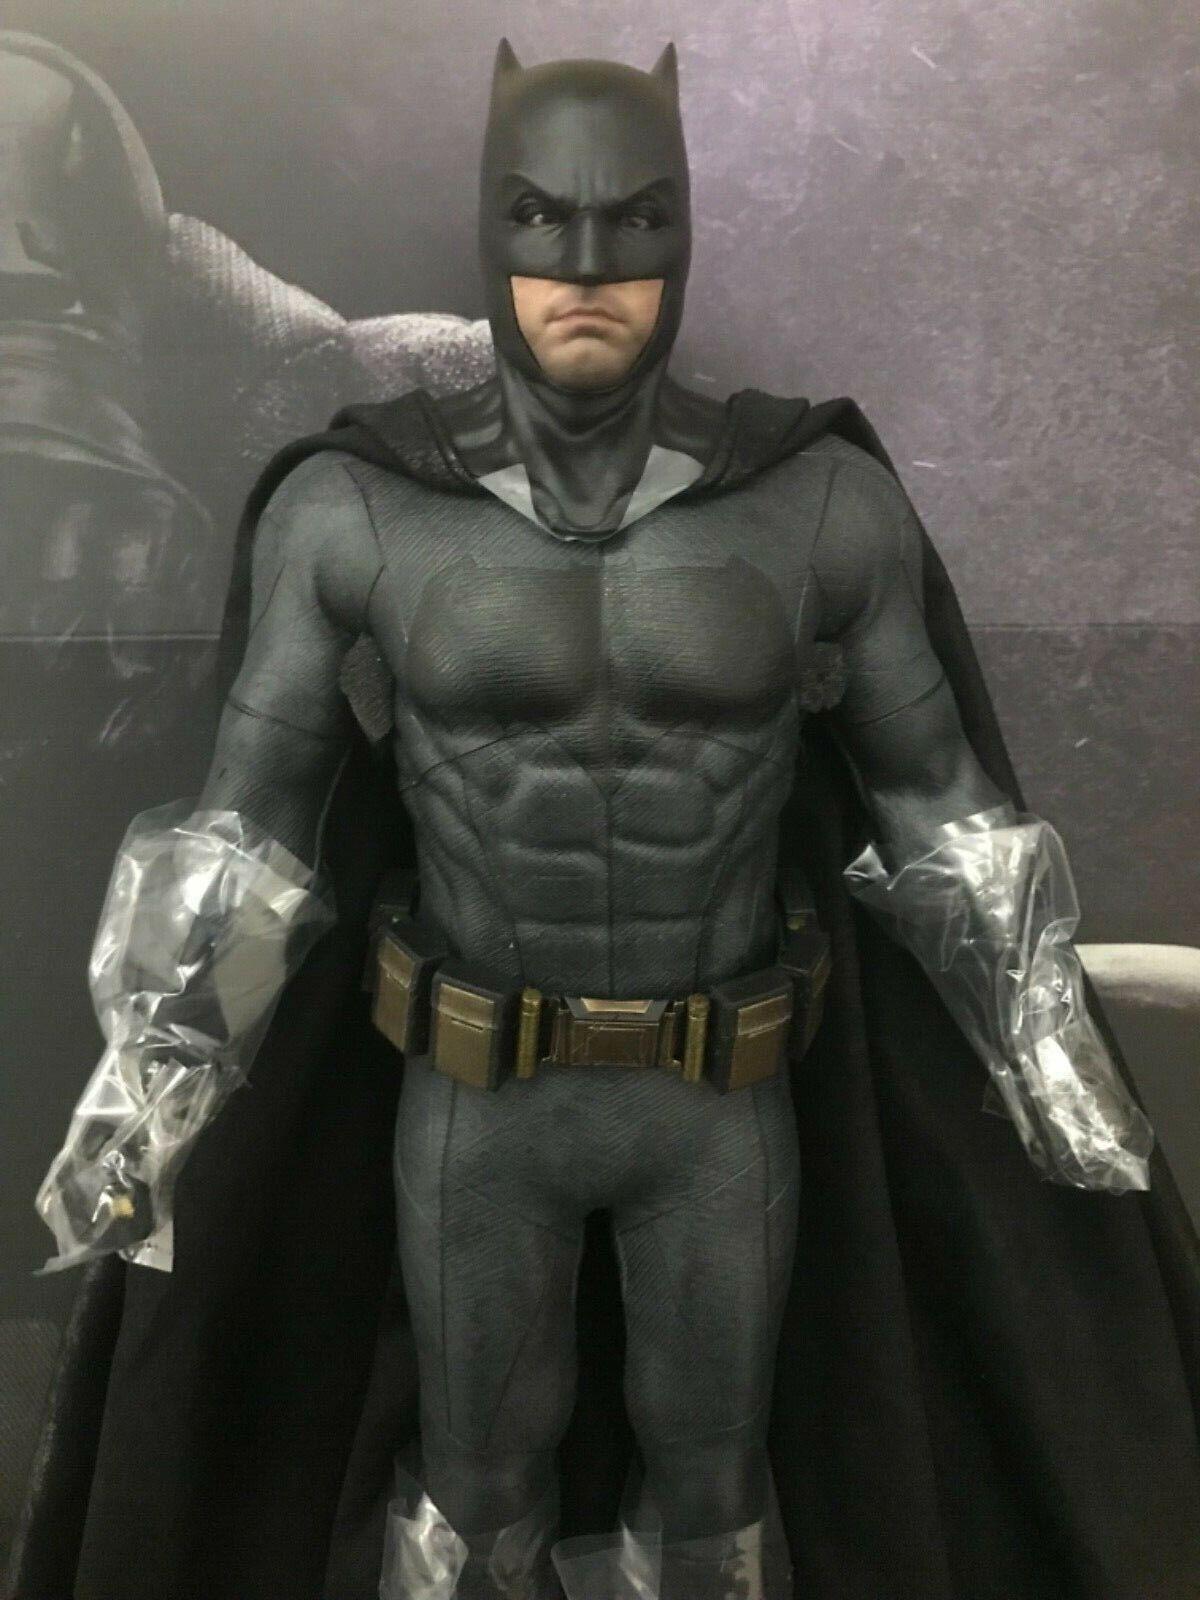 Hot Juguetes Justice Coalition Batman mms456 - 1   6 ratio